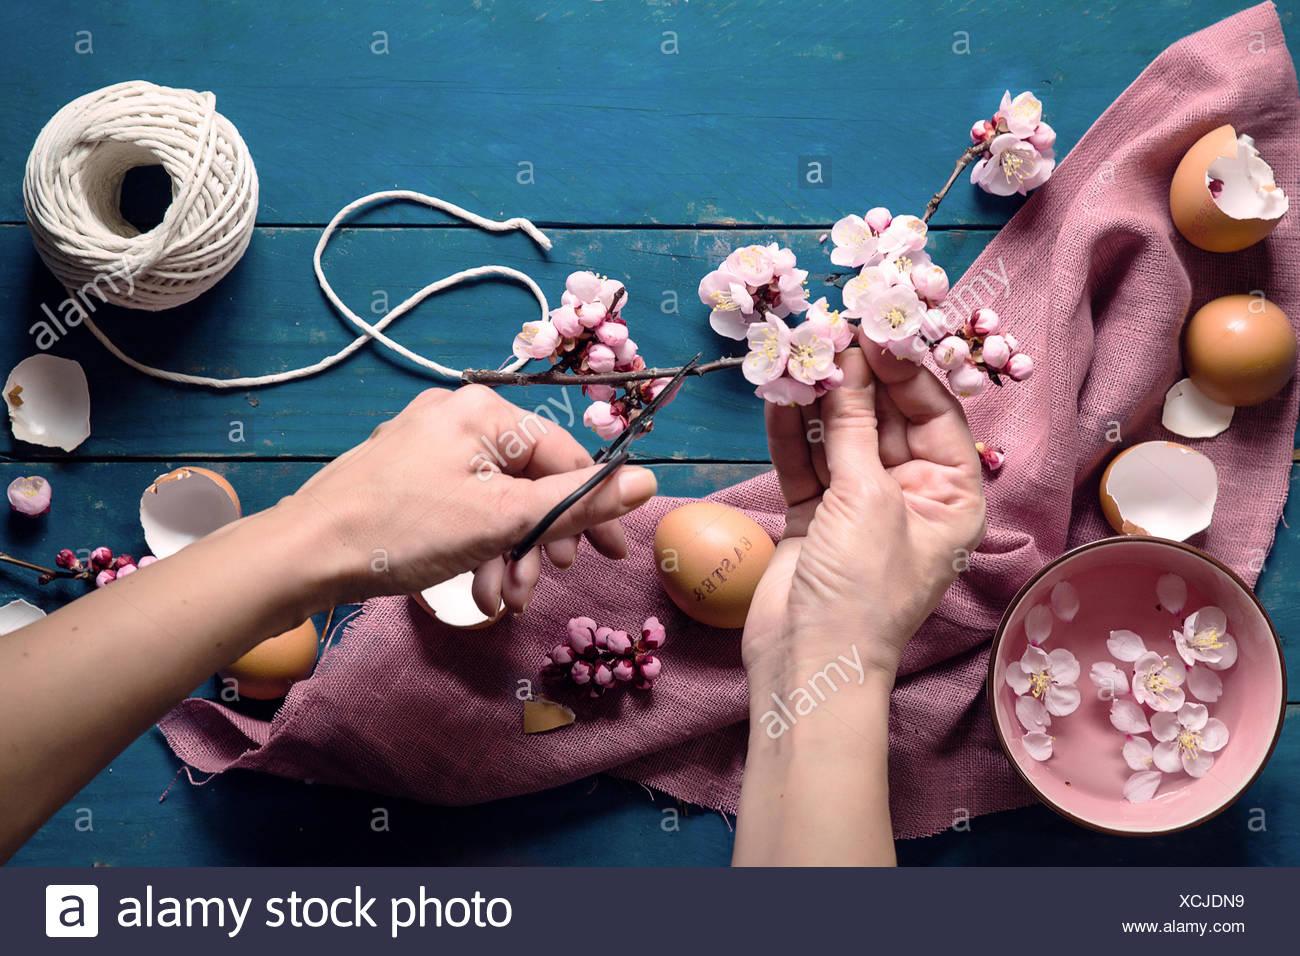 Manos de mujer haciendo corte decoración de Pascua Imagen De Stock